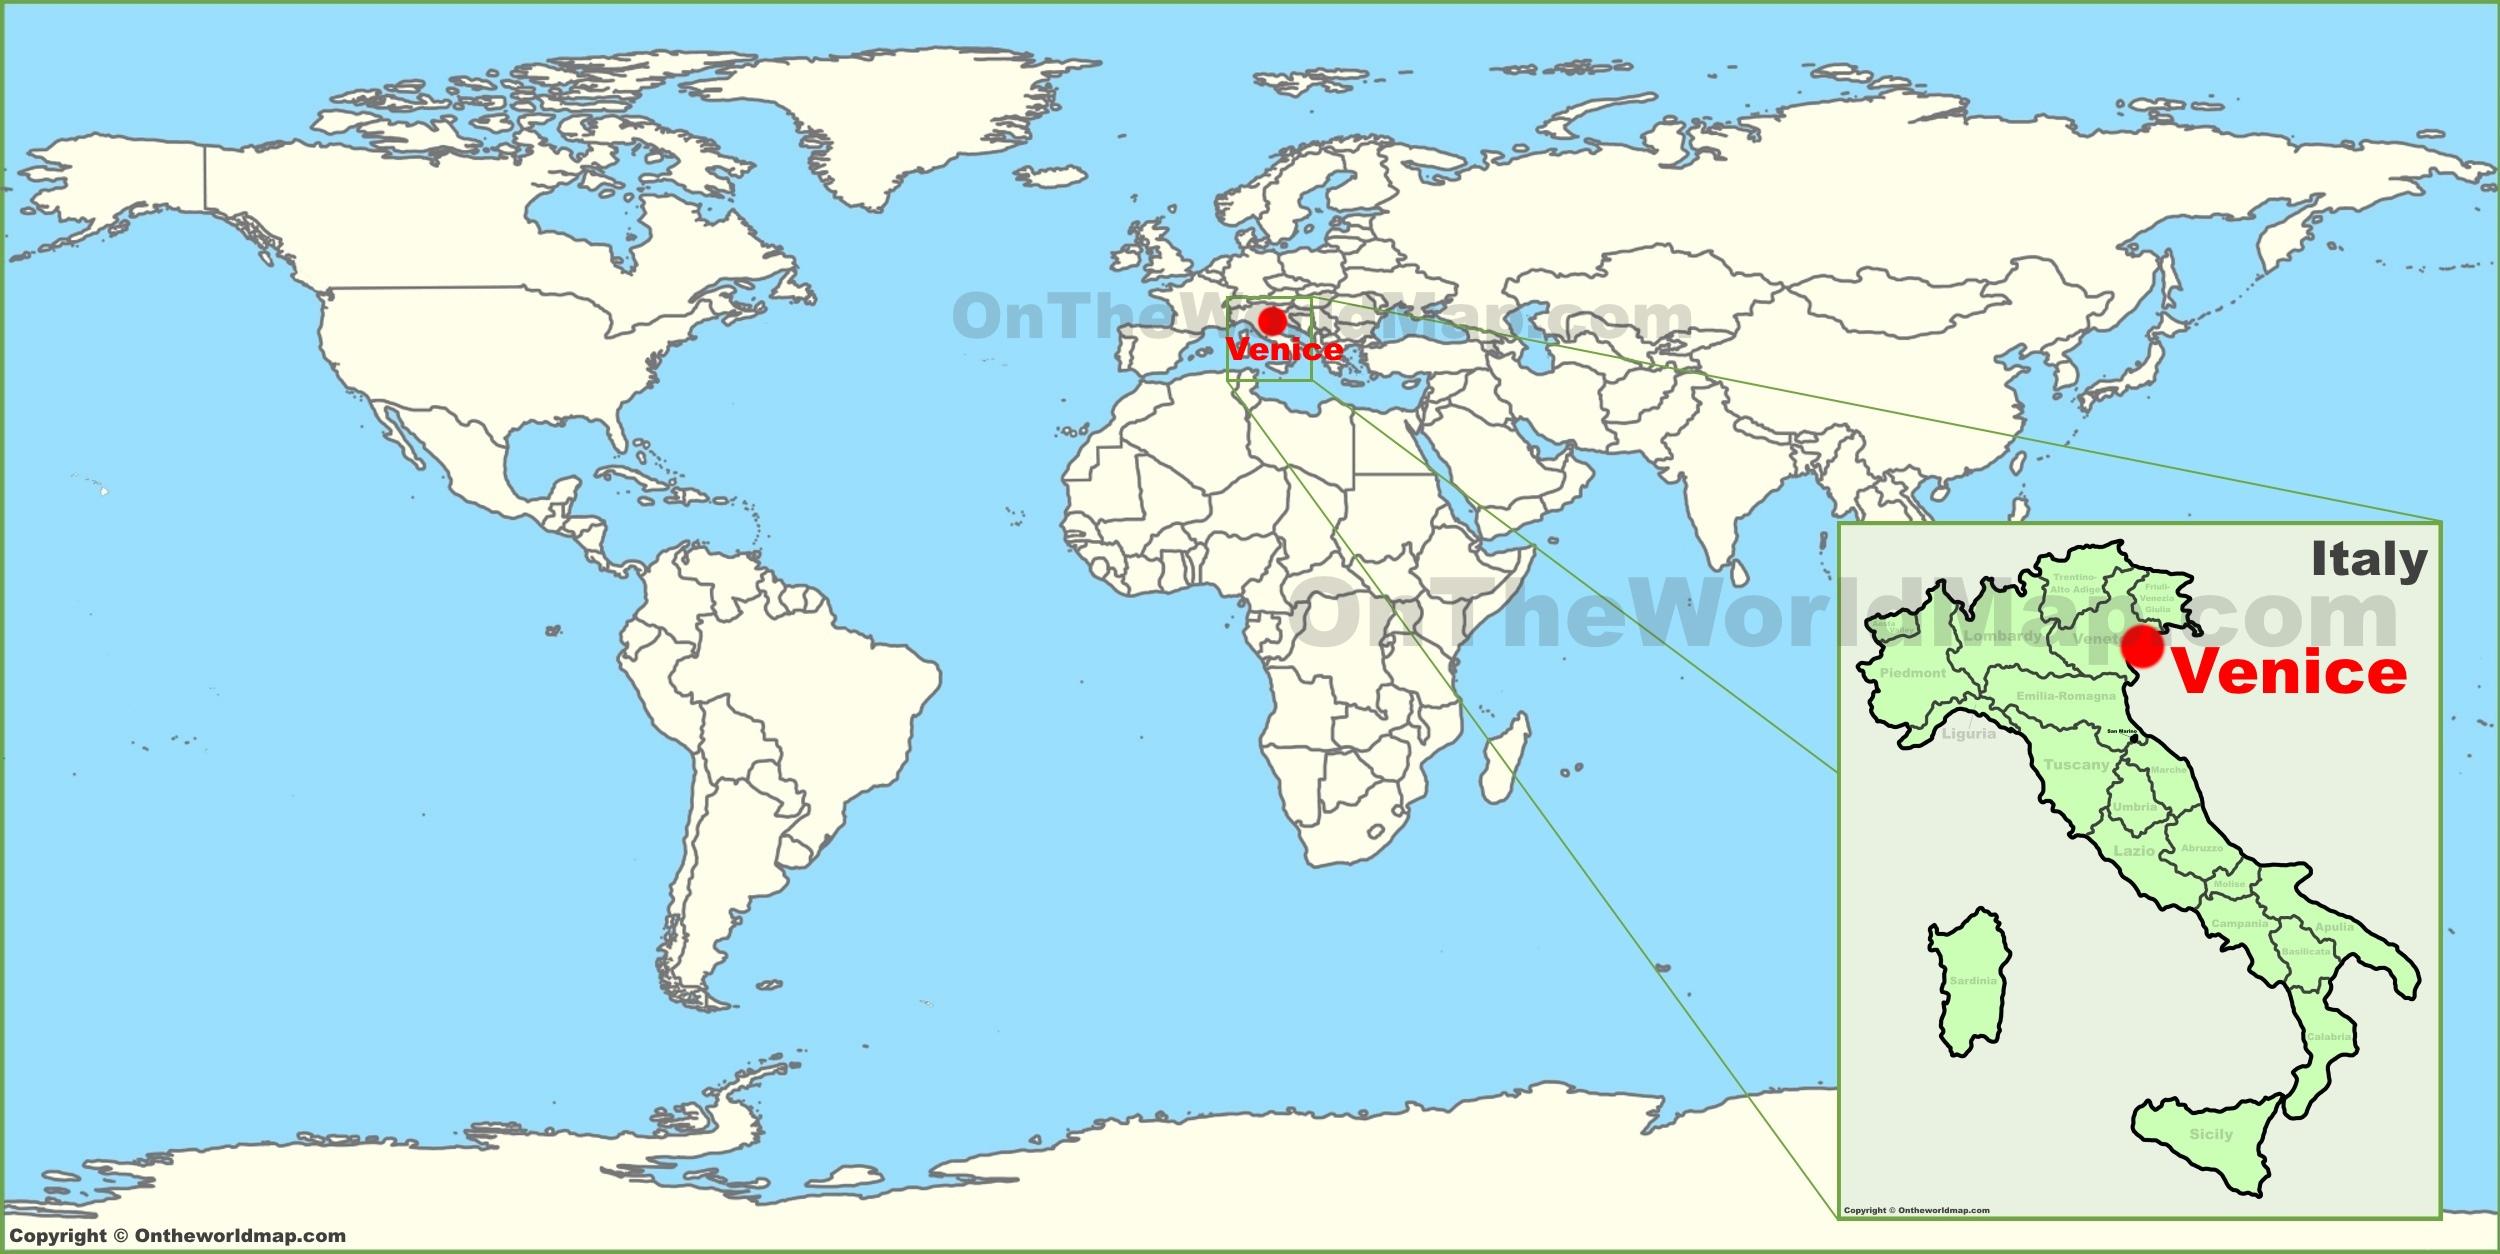 Venice On Map - 14.11.kaartenstemp.nl • - Map Of Florida Showing Venice Beach